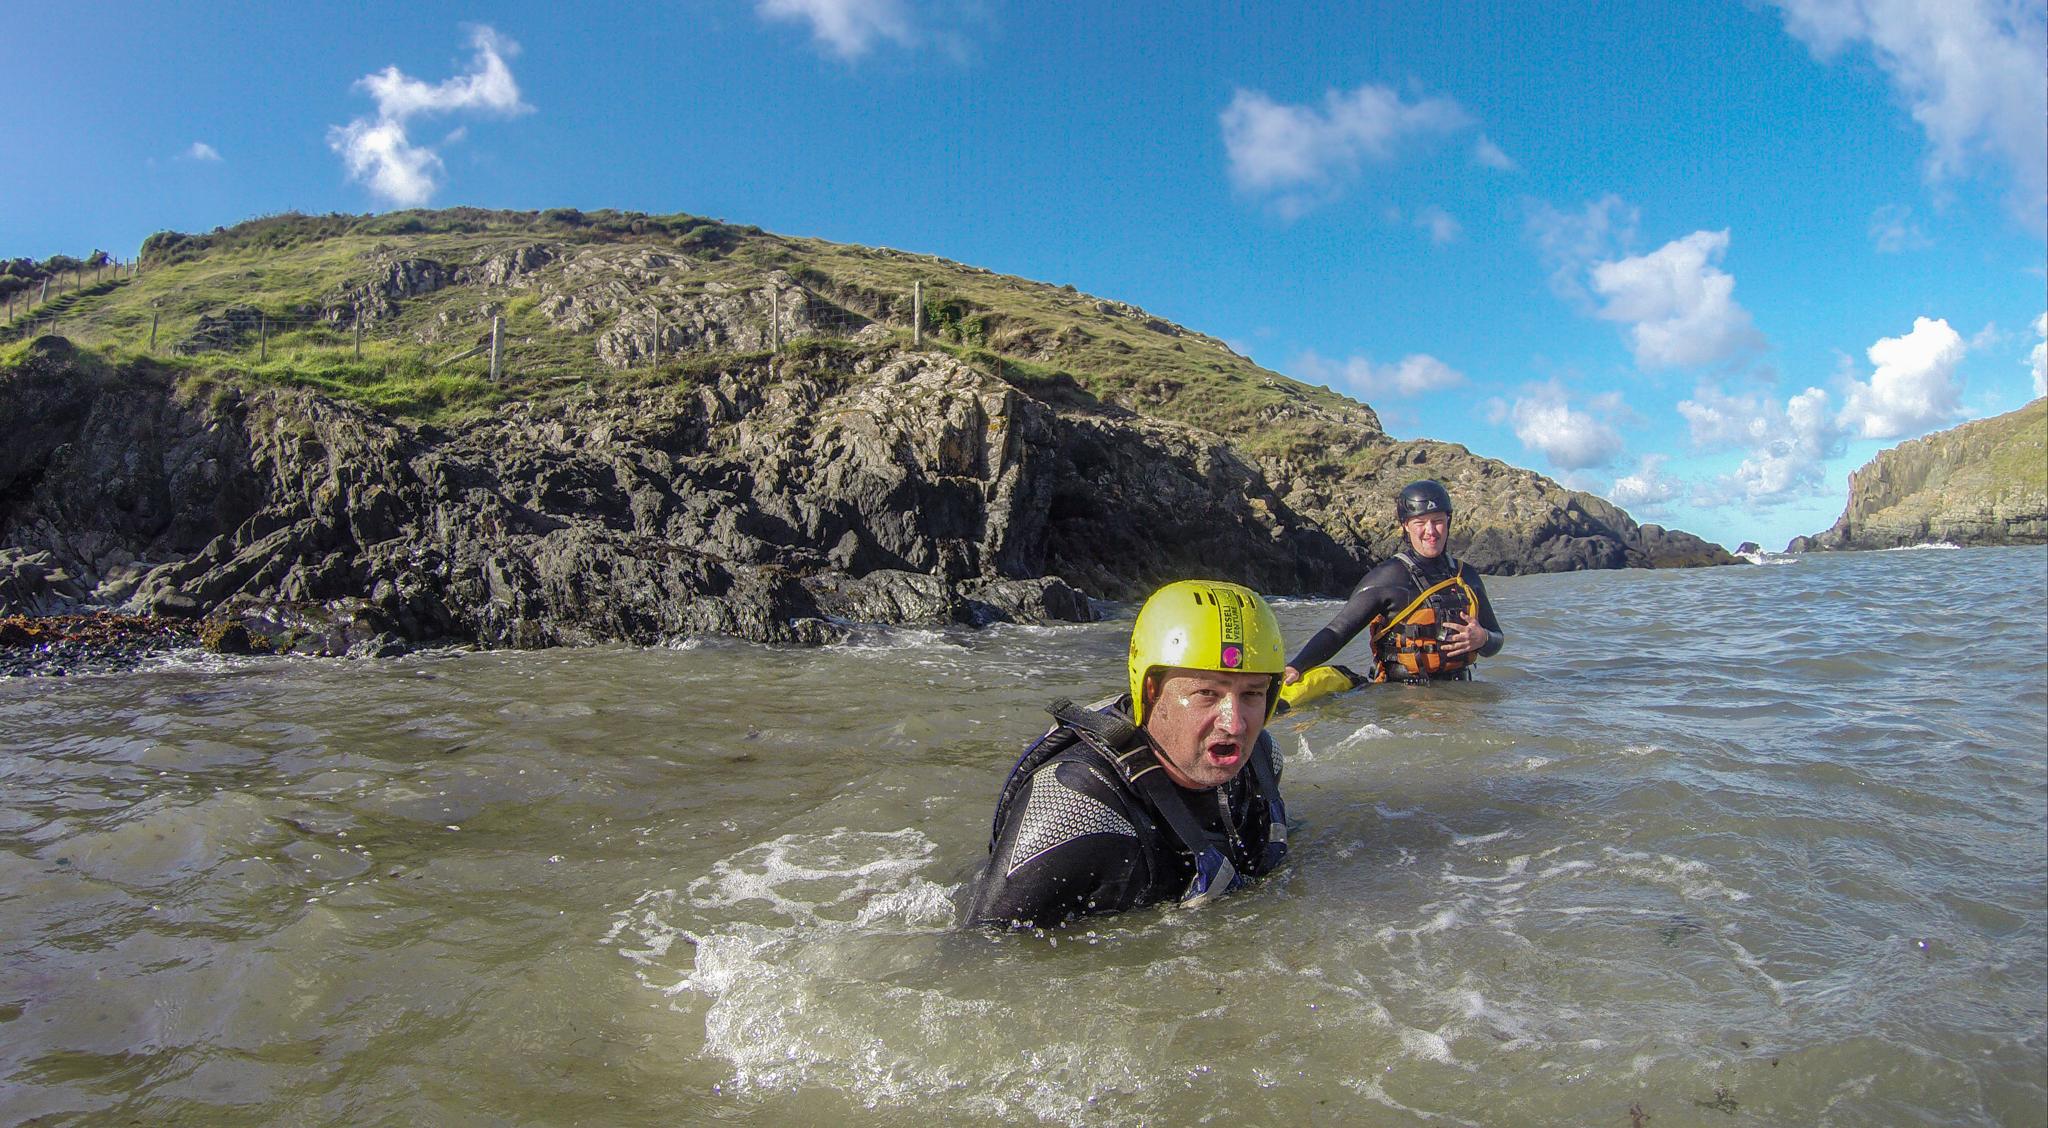 coasteering in Wales